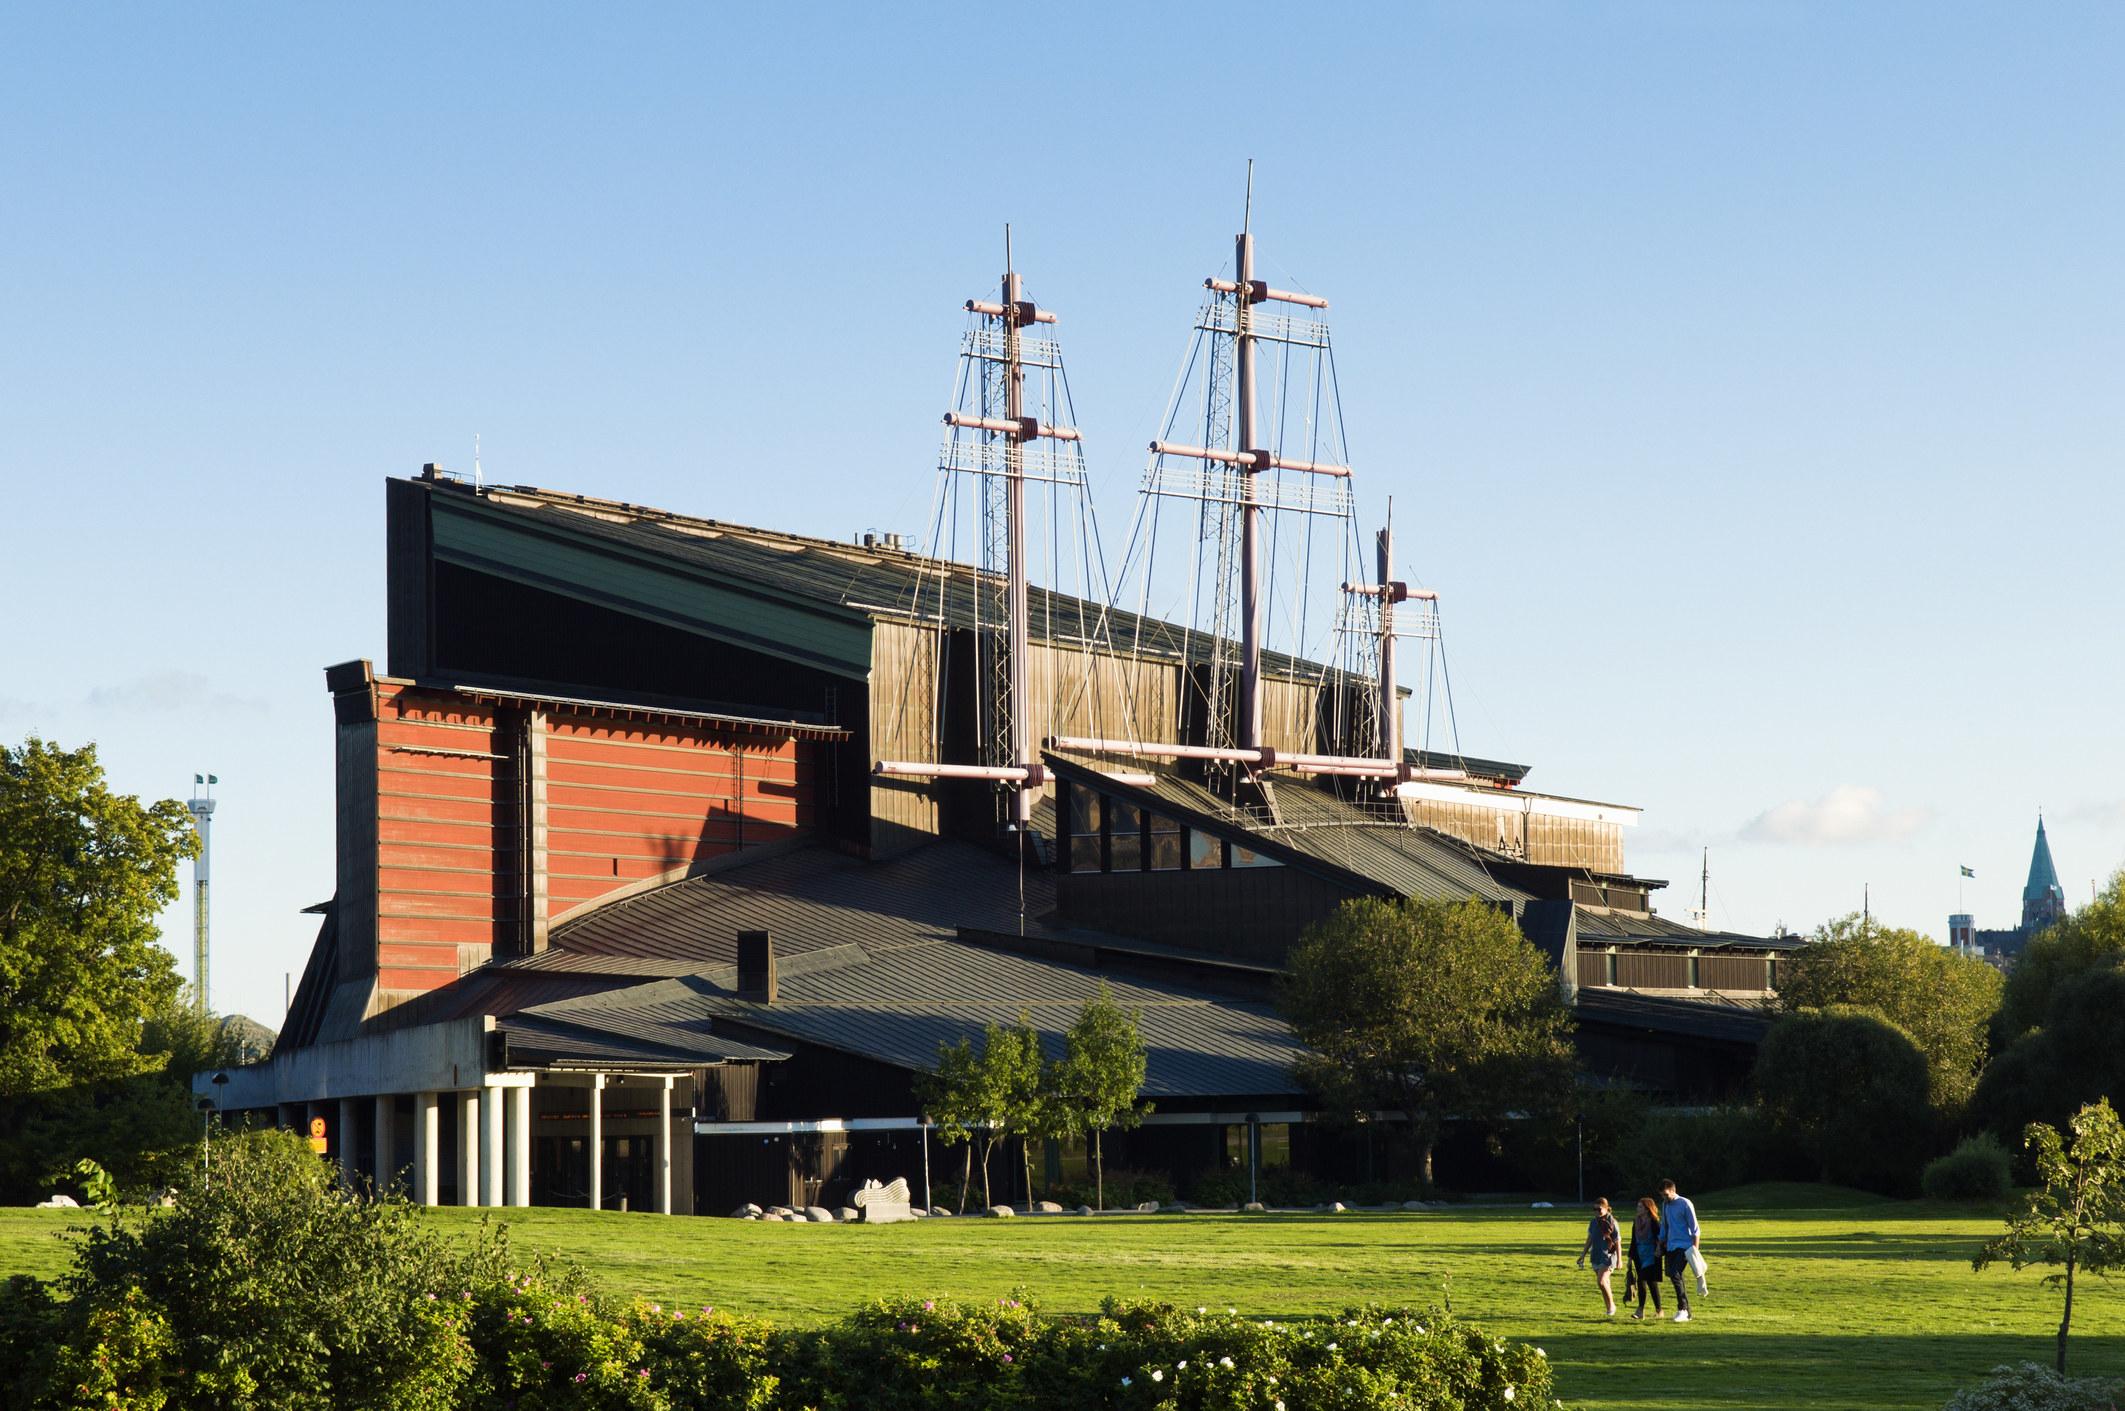 The Vasa Museum exterior in Stockholm.